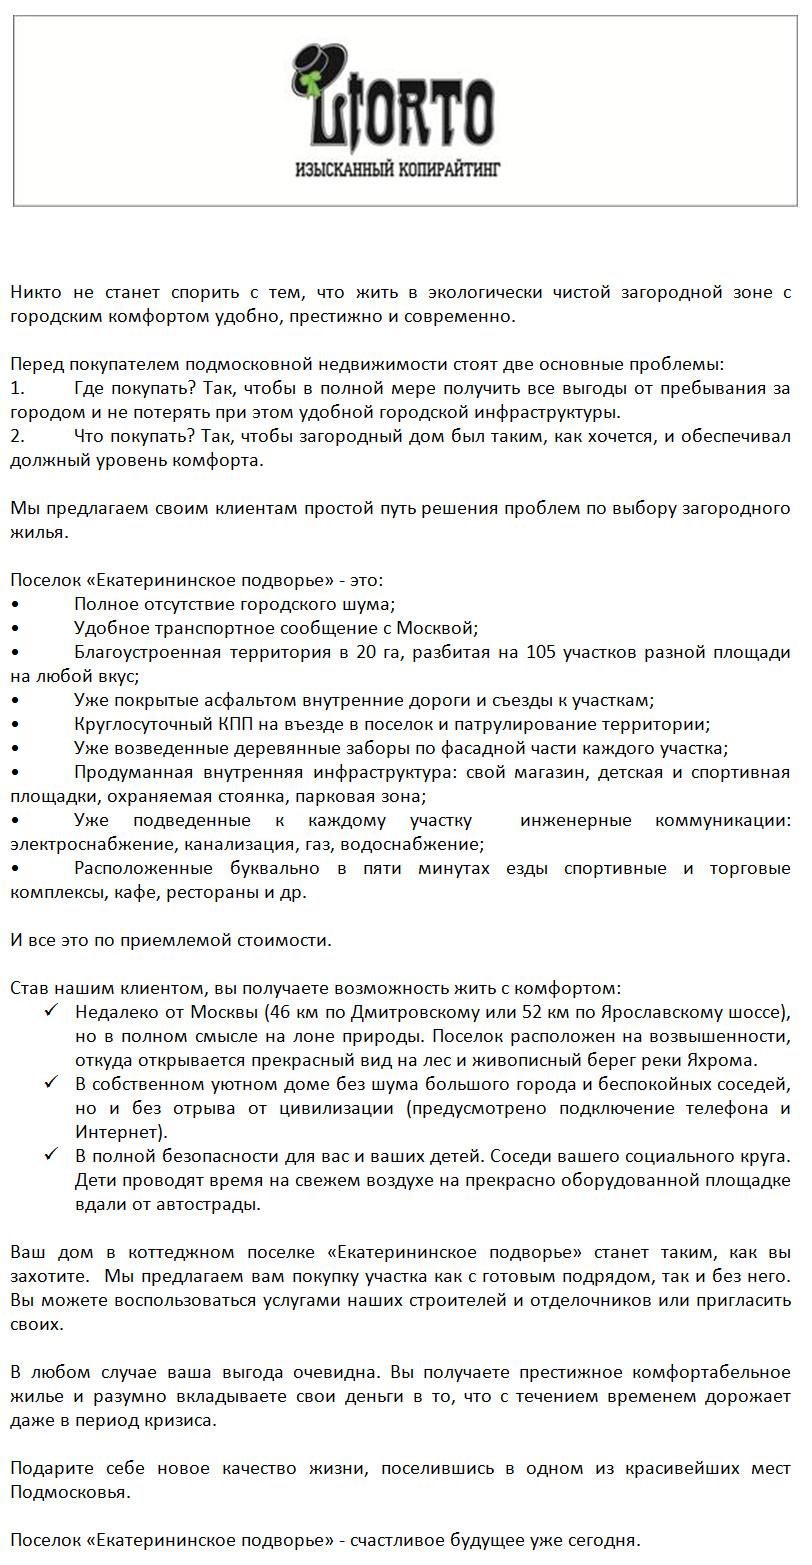 Презентационный текст коттеджного поселка